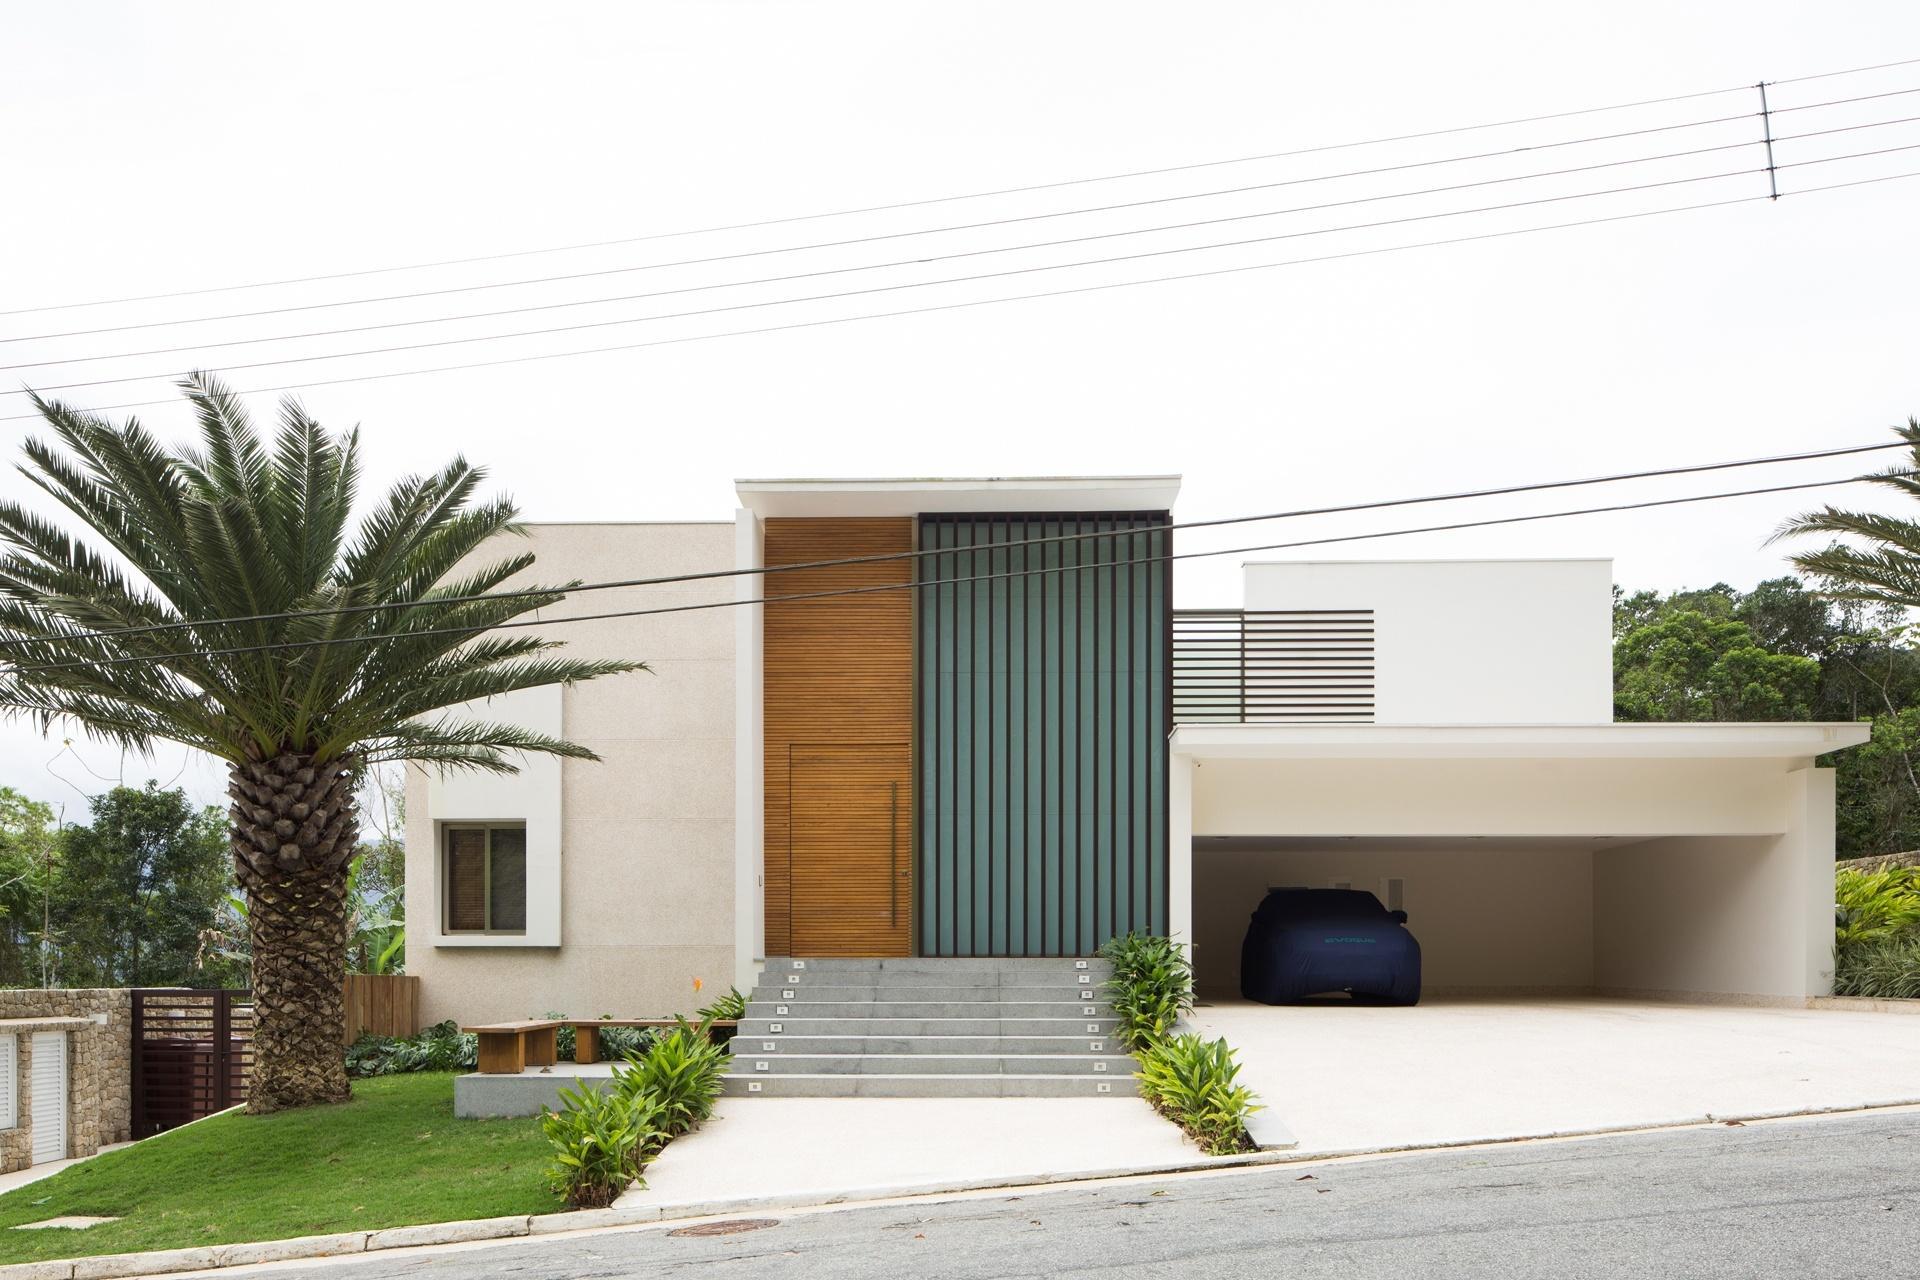 Fotos 12 fachadas bonitas e em diferentes estilos para for Casa minimalista 6 x 12